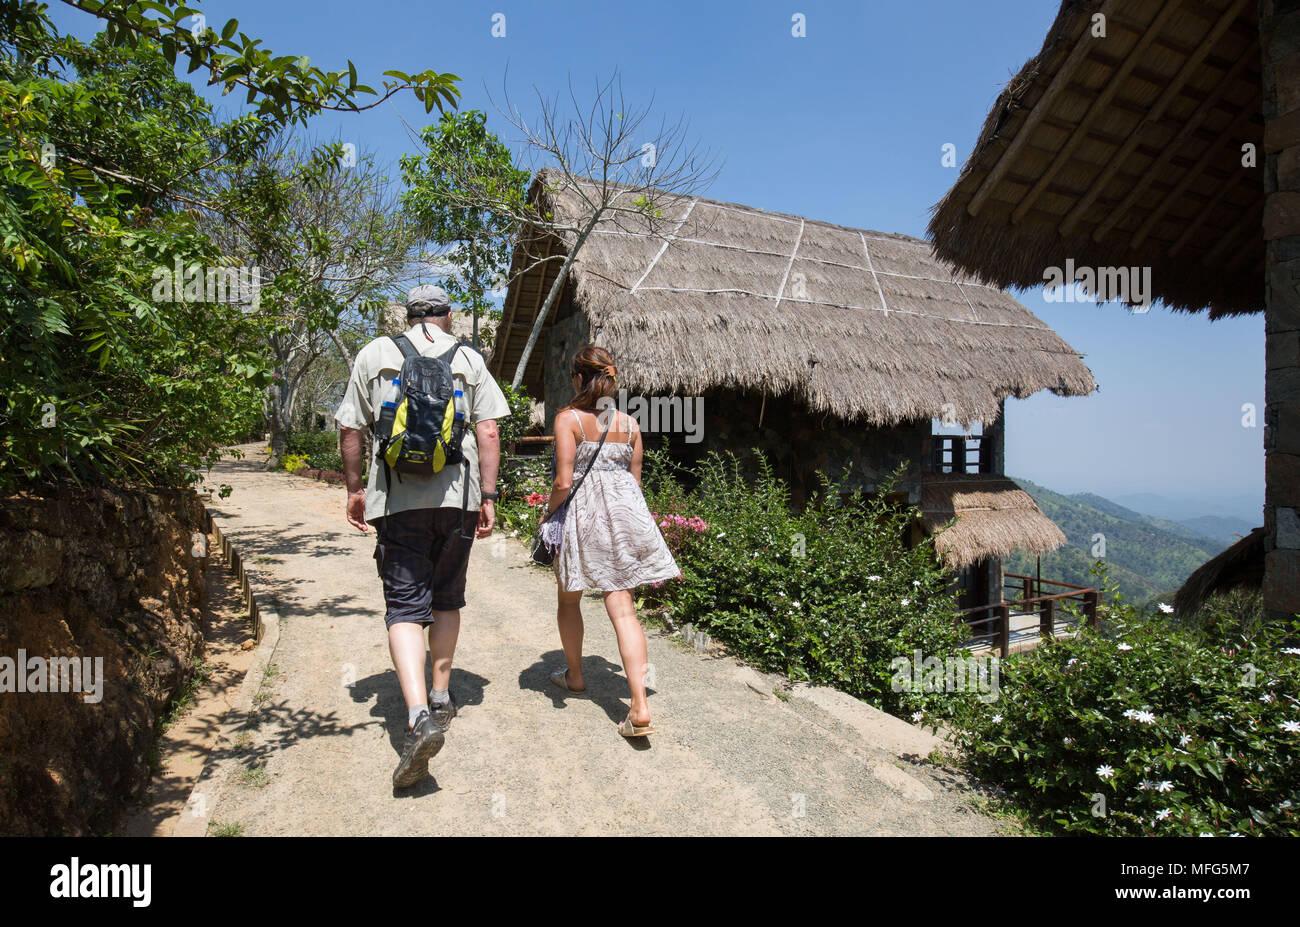 Los turistas que caminan a su lodge en los 98 acres Resort and Spa en ella, Sri Lanka Imagen De Stock